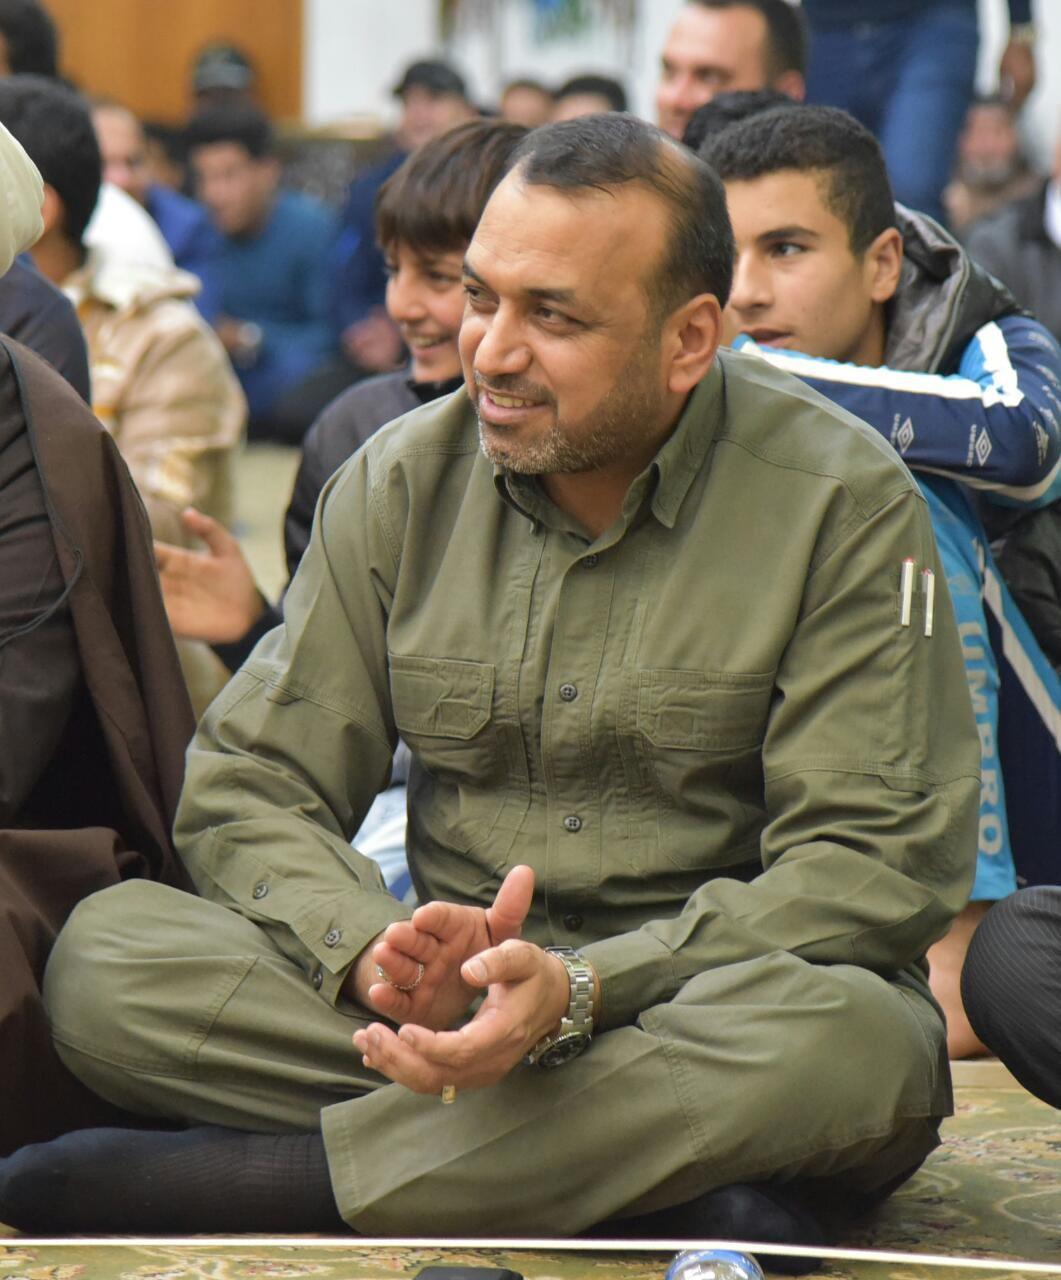 احمد الاسدي يهنئ الامة الاسلامية بمناسبة مولد الرسول الاعظم